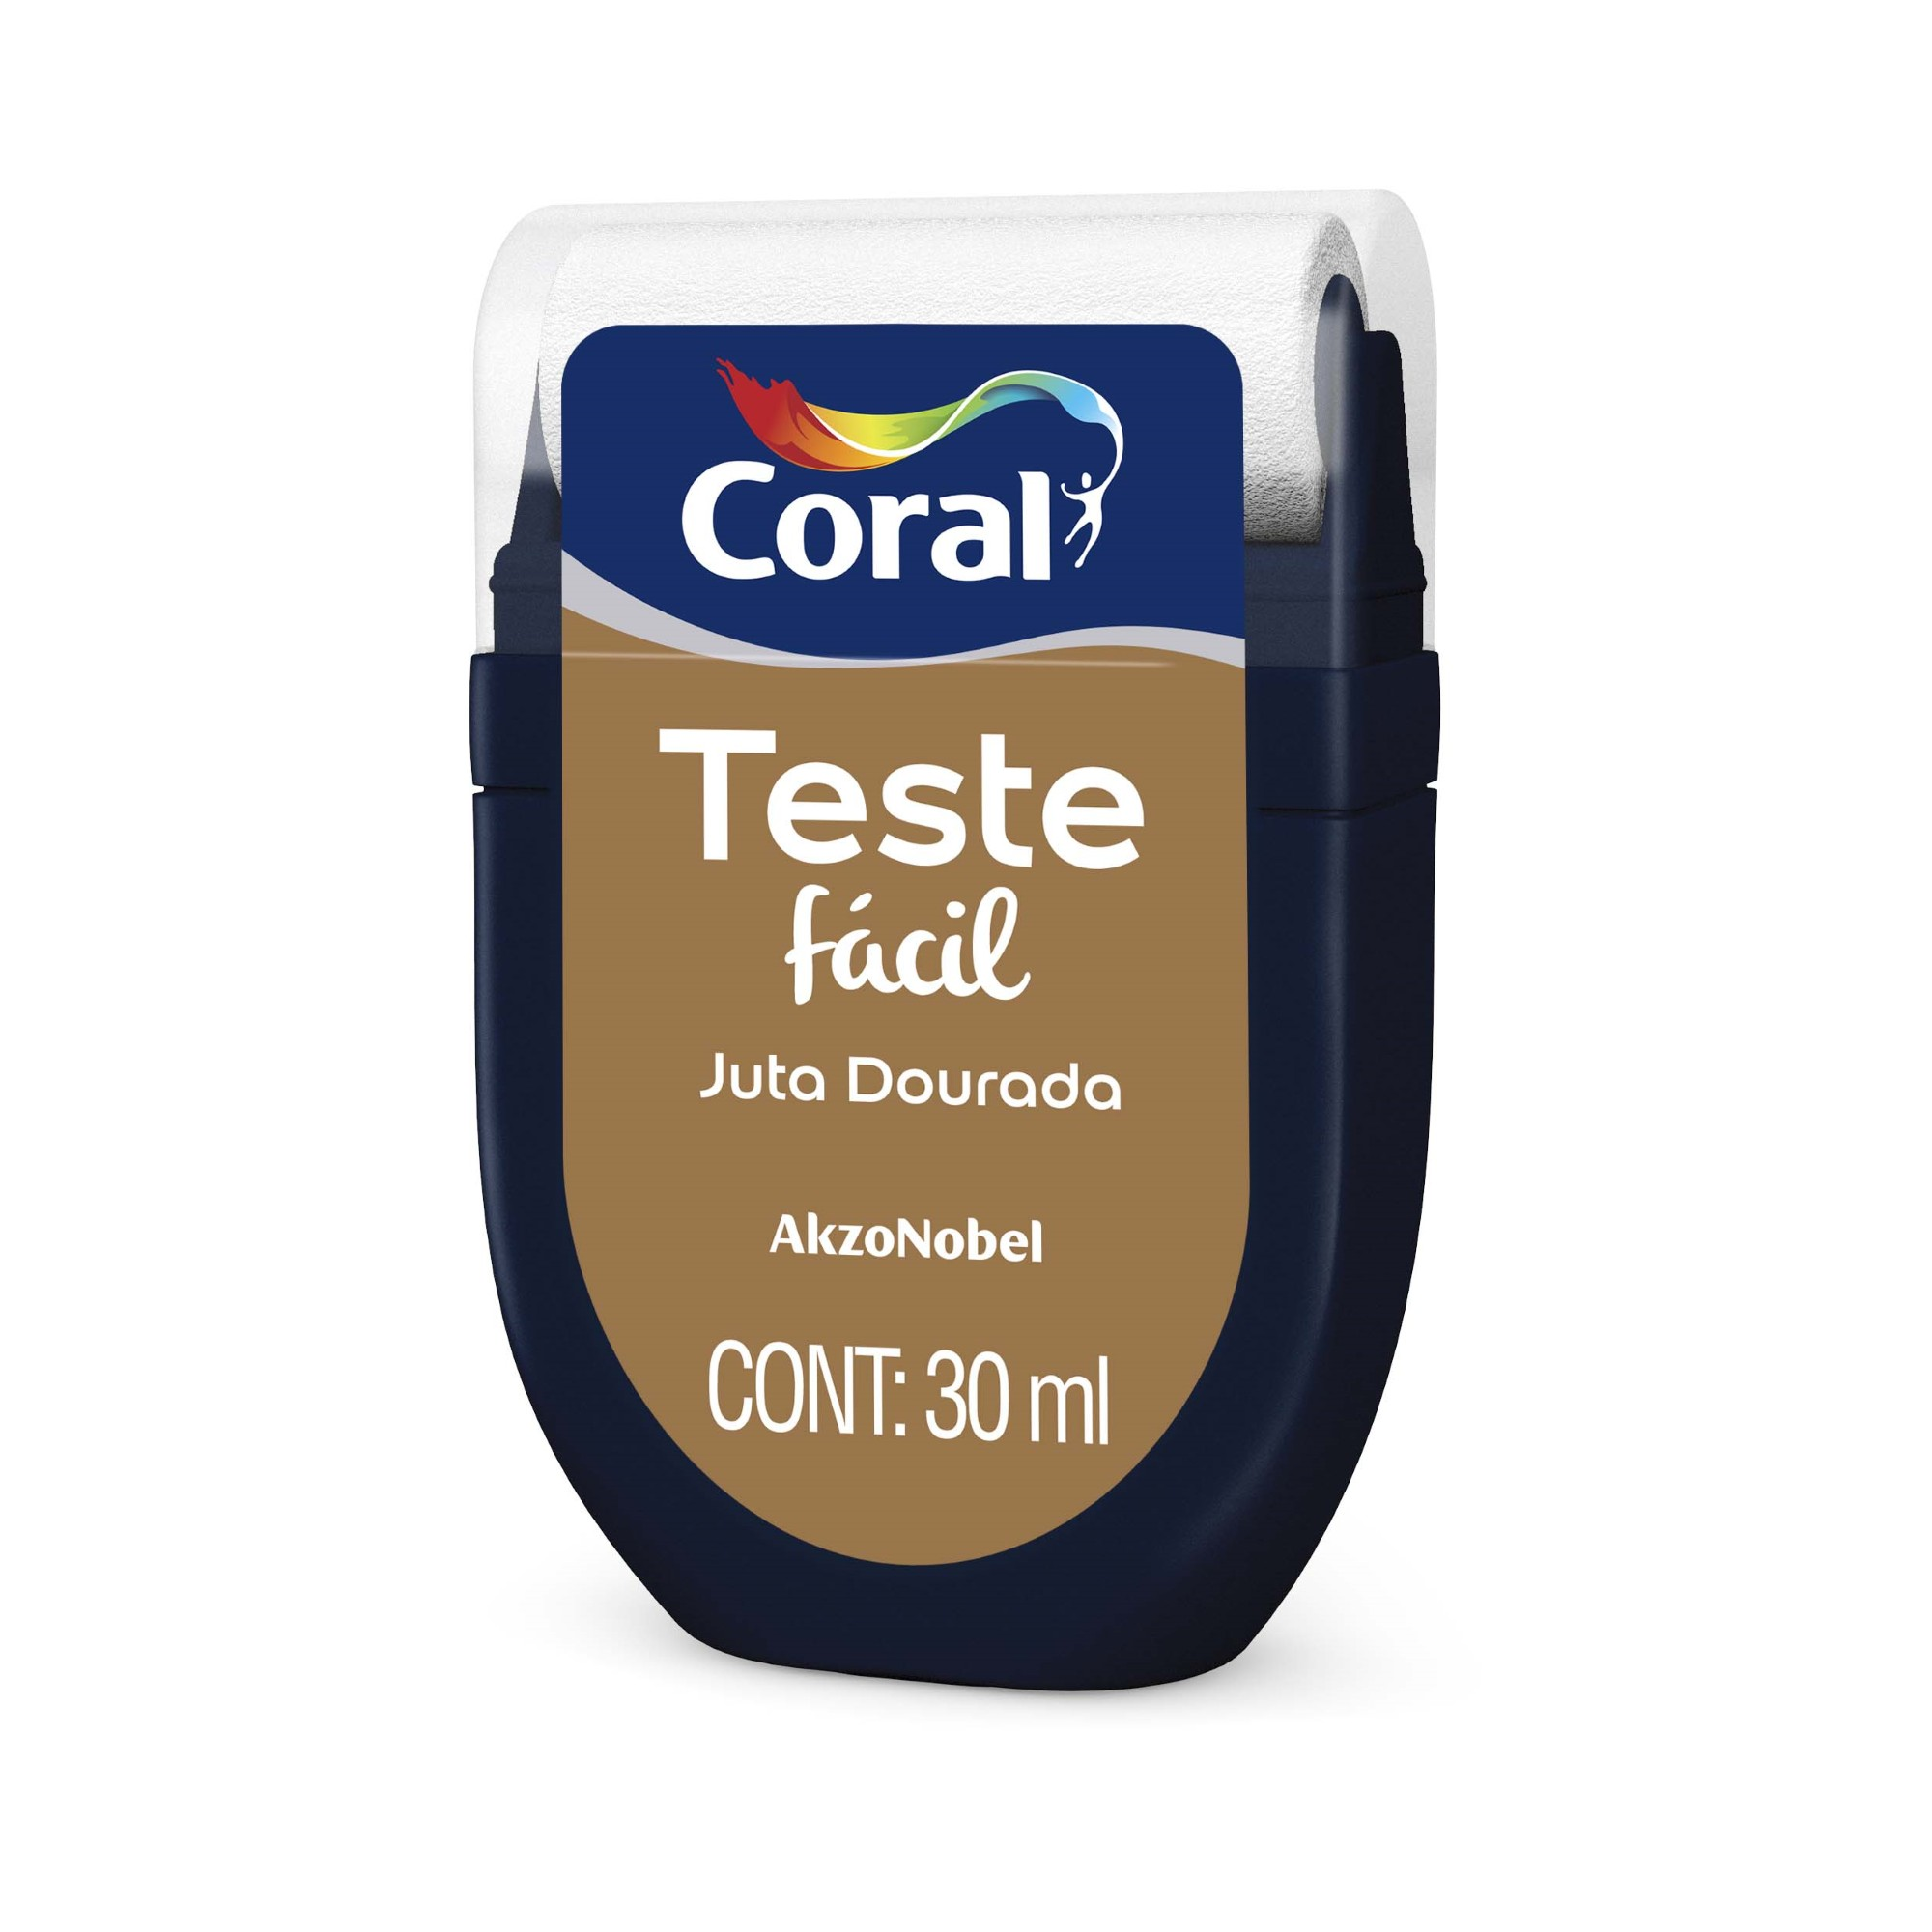 Teste Facil 30ml Juta Dourada - Coral